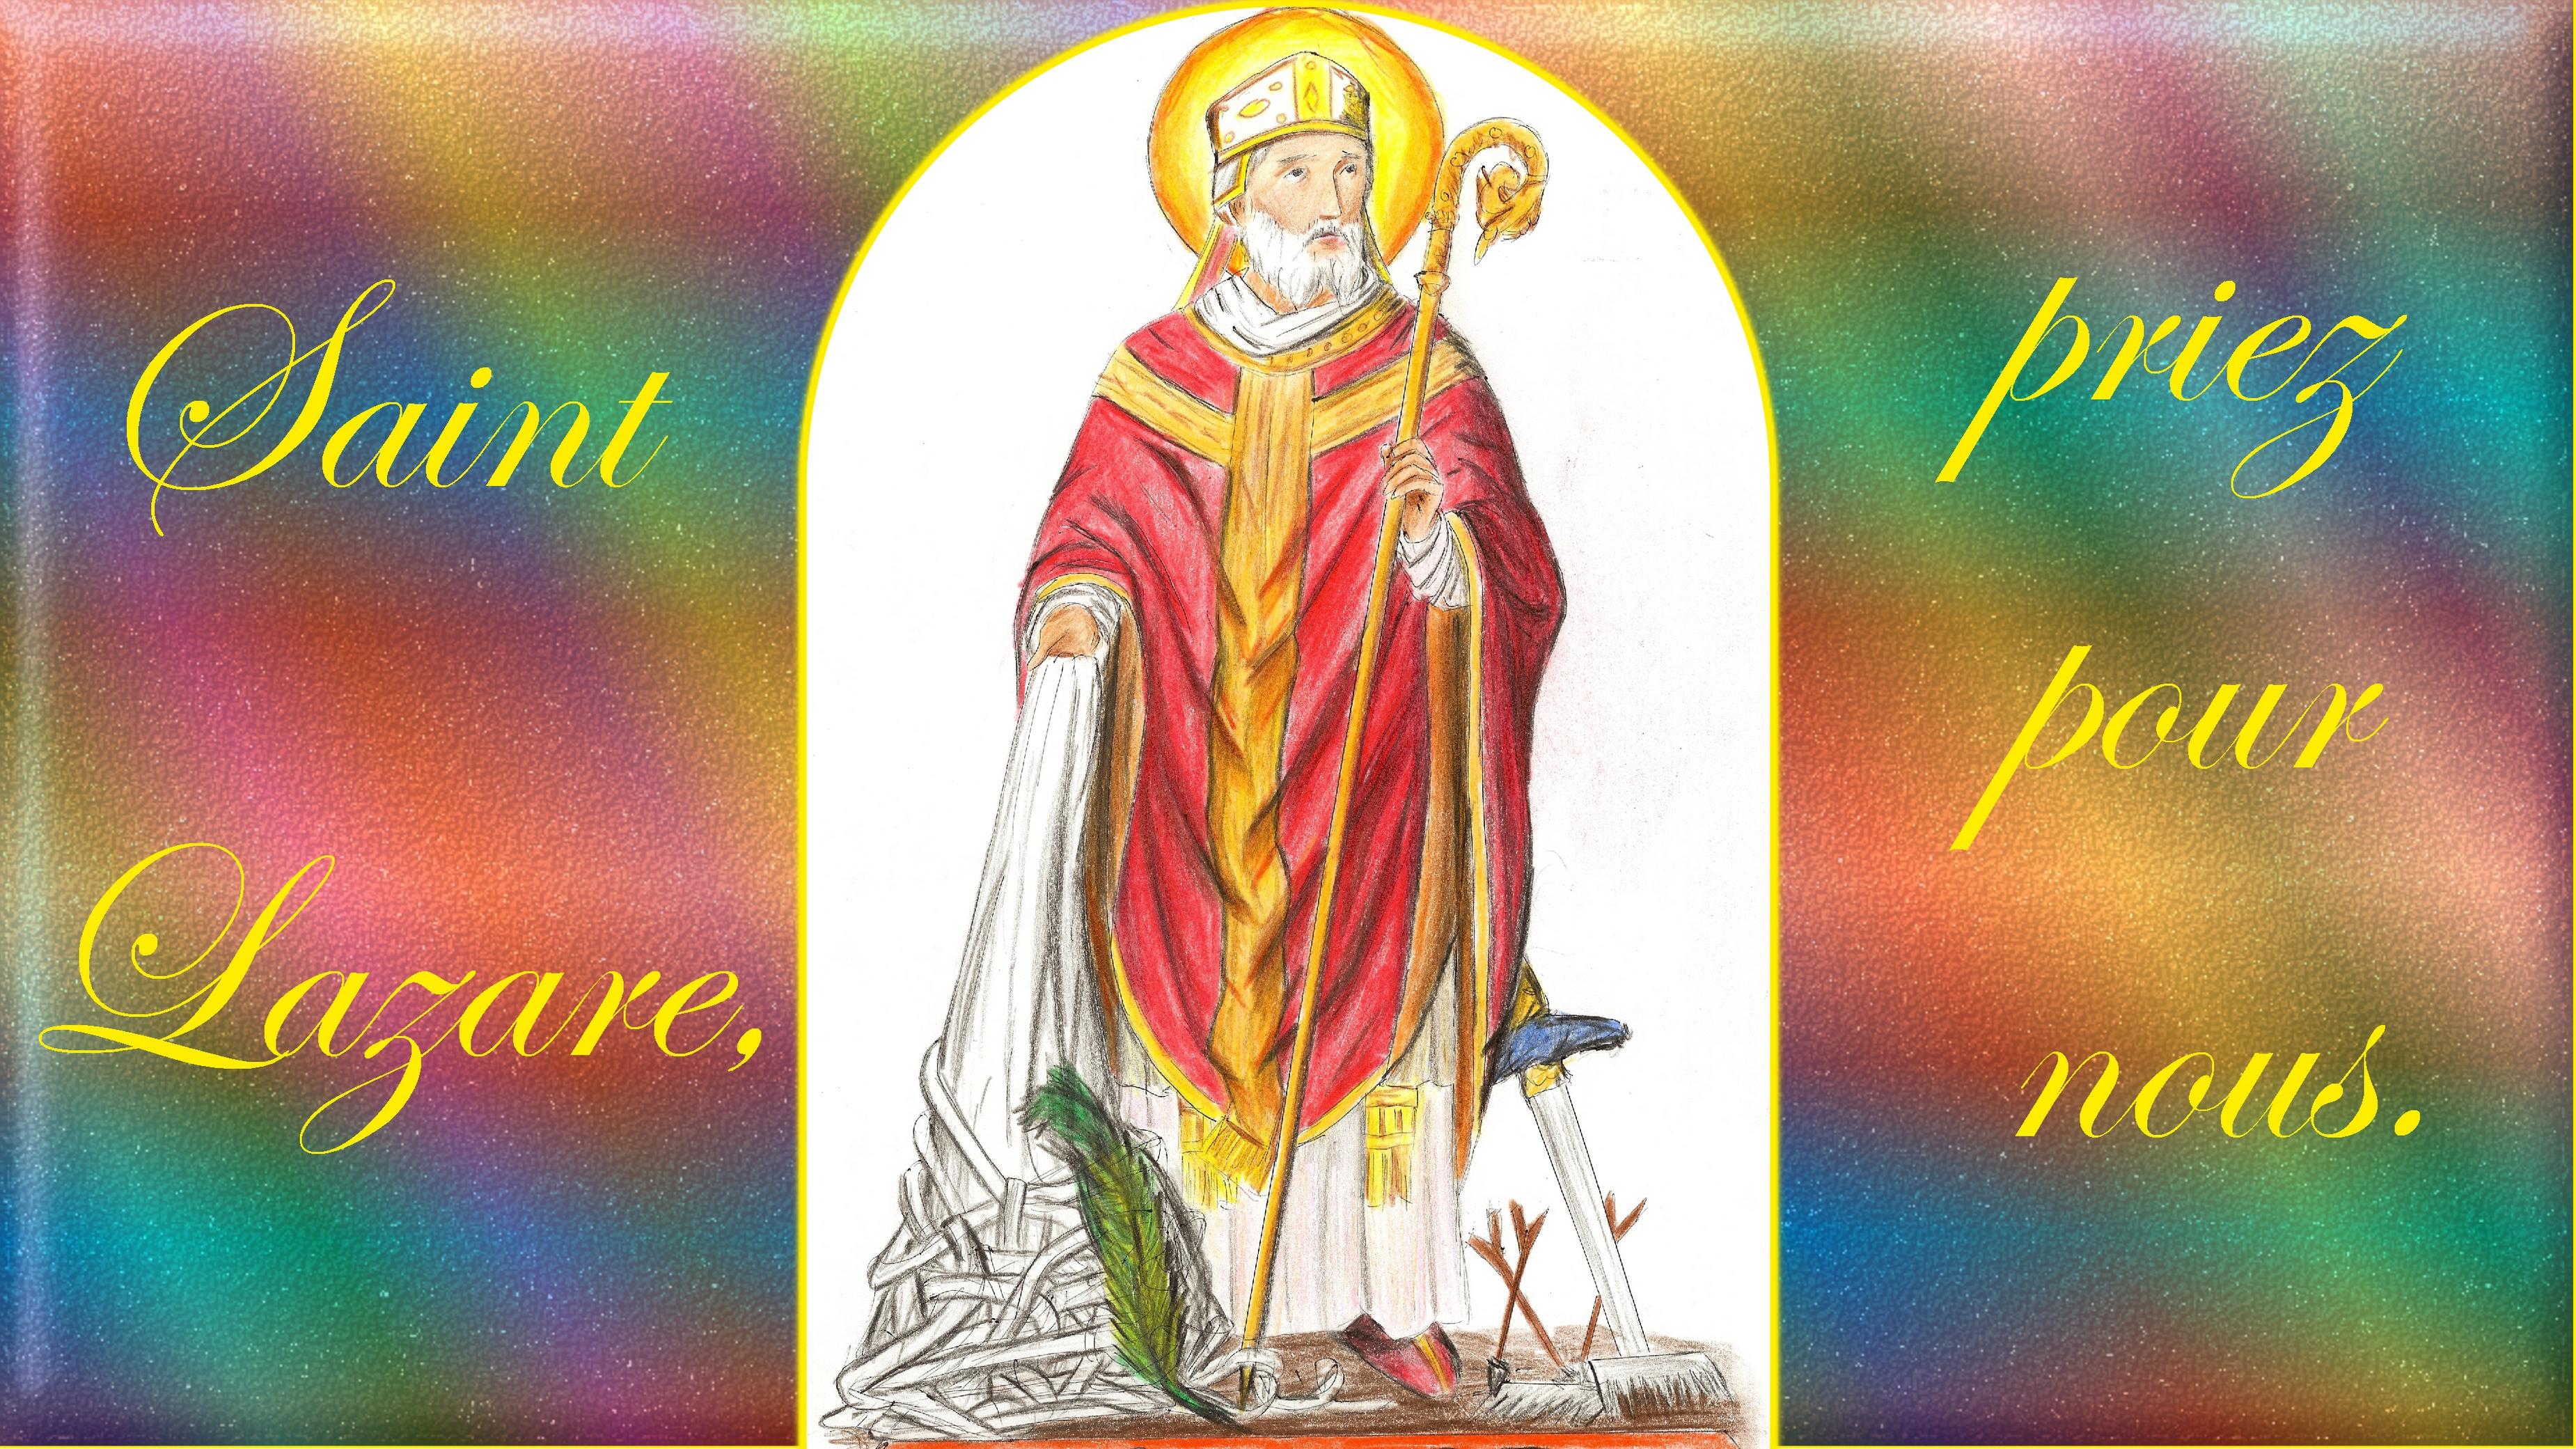 CALENDRIER CATHOLIQUE 2019 (Cantiques, Prières & Images) - Page 18 St-lazare-55e404e